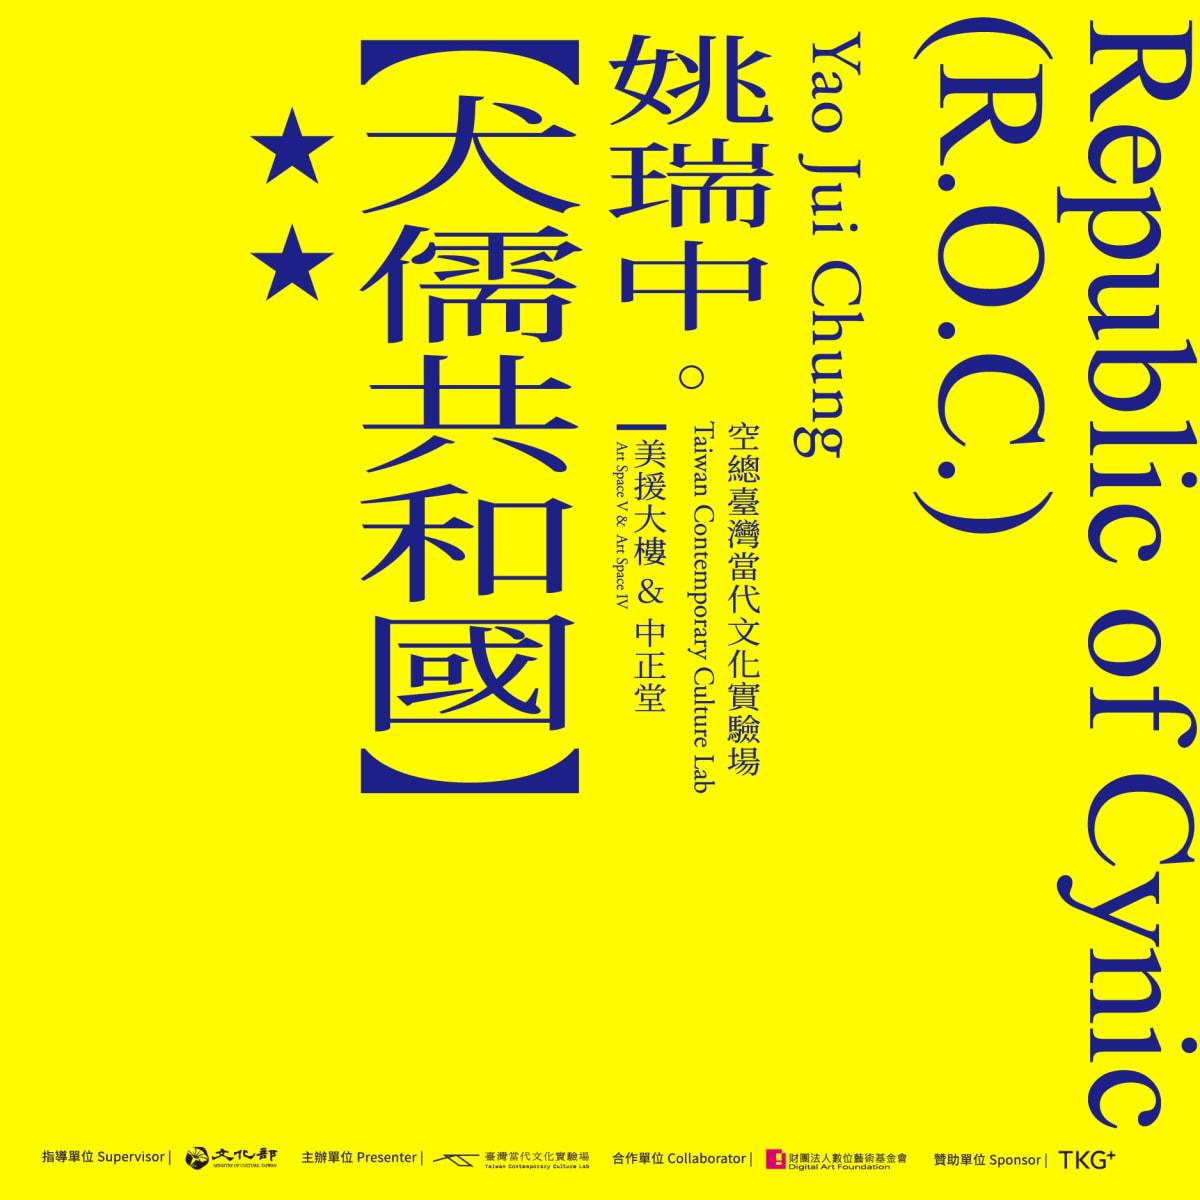 姚瑞中:犬儒共和國